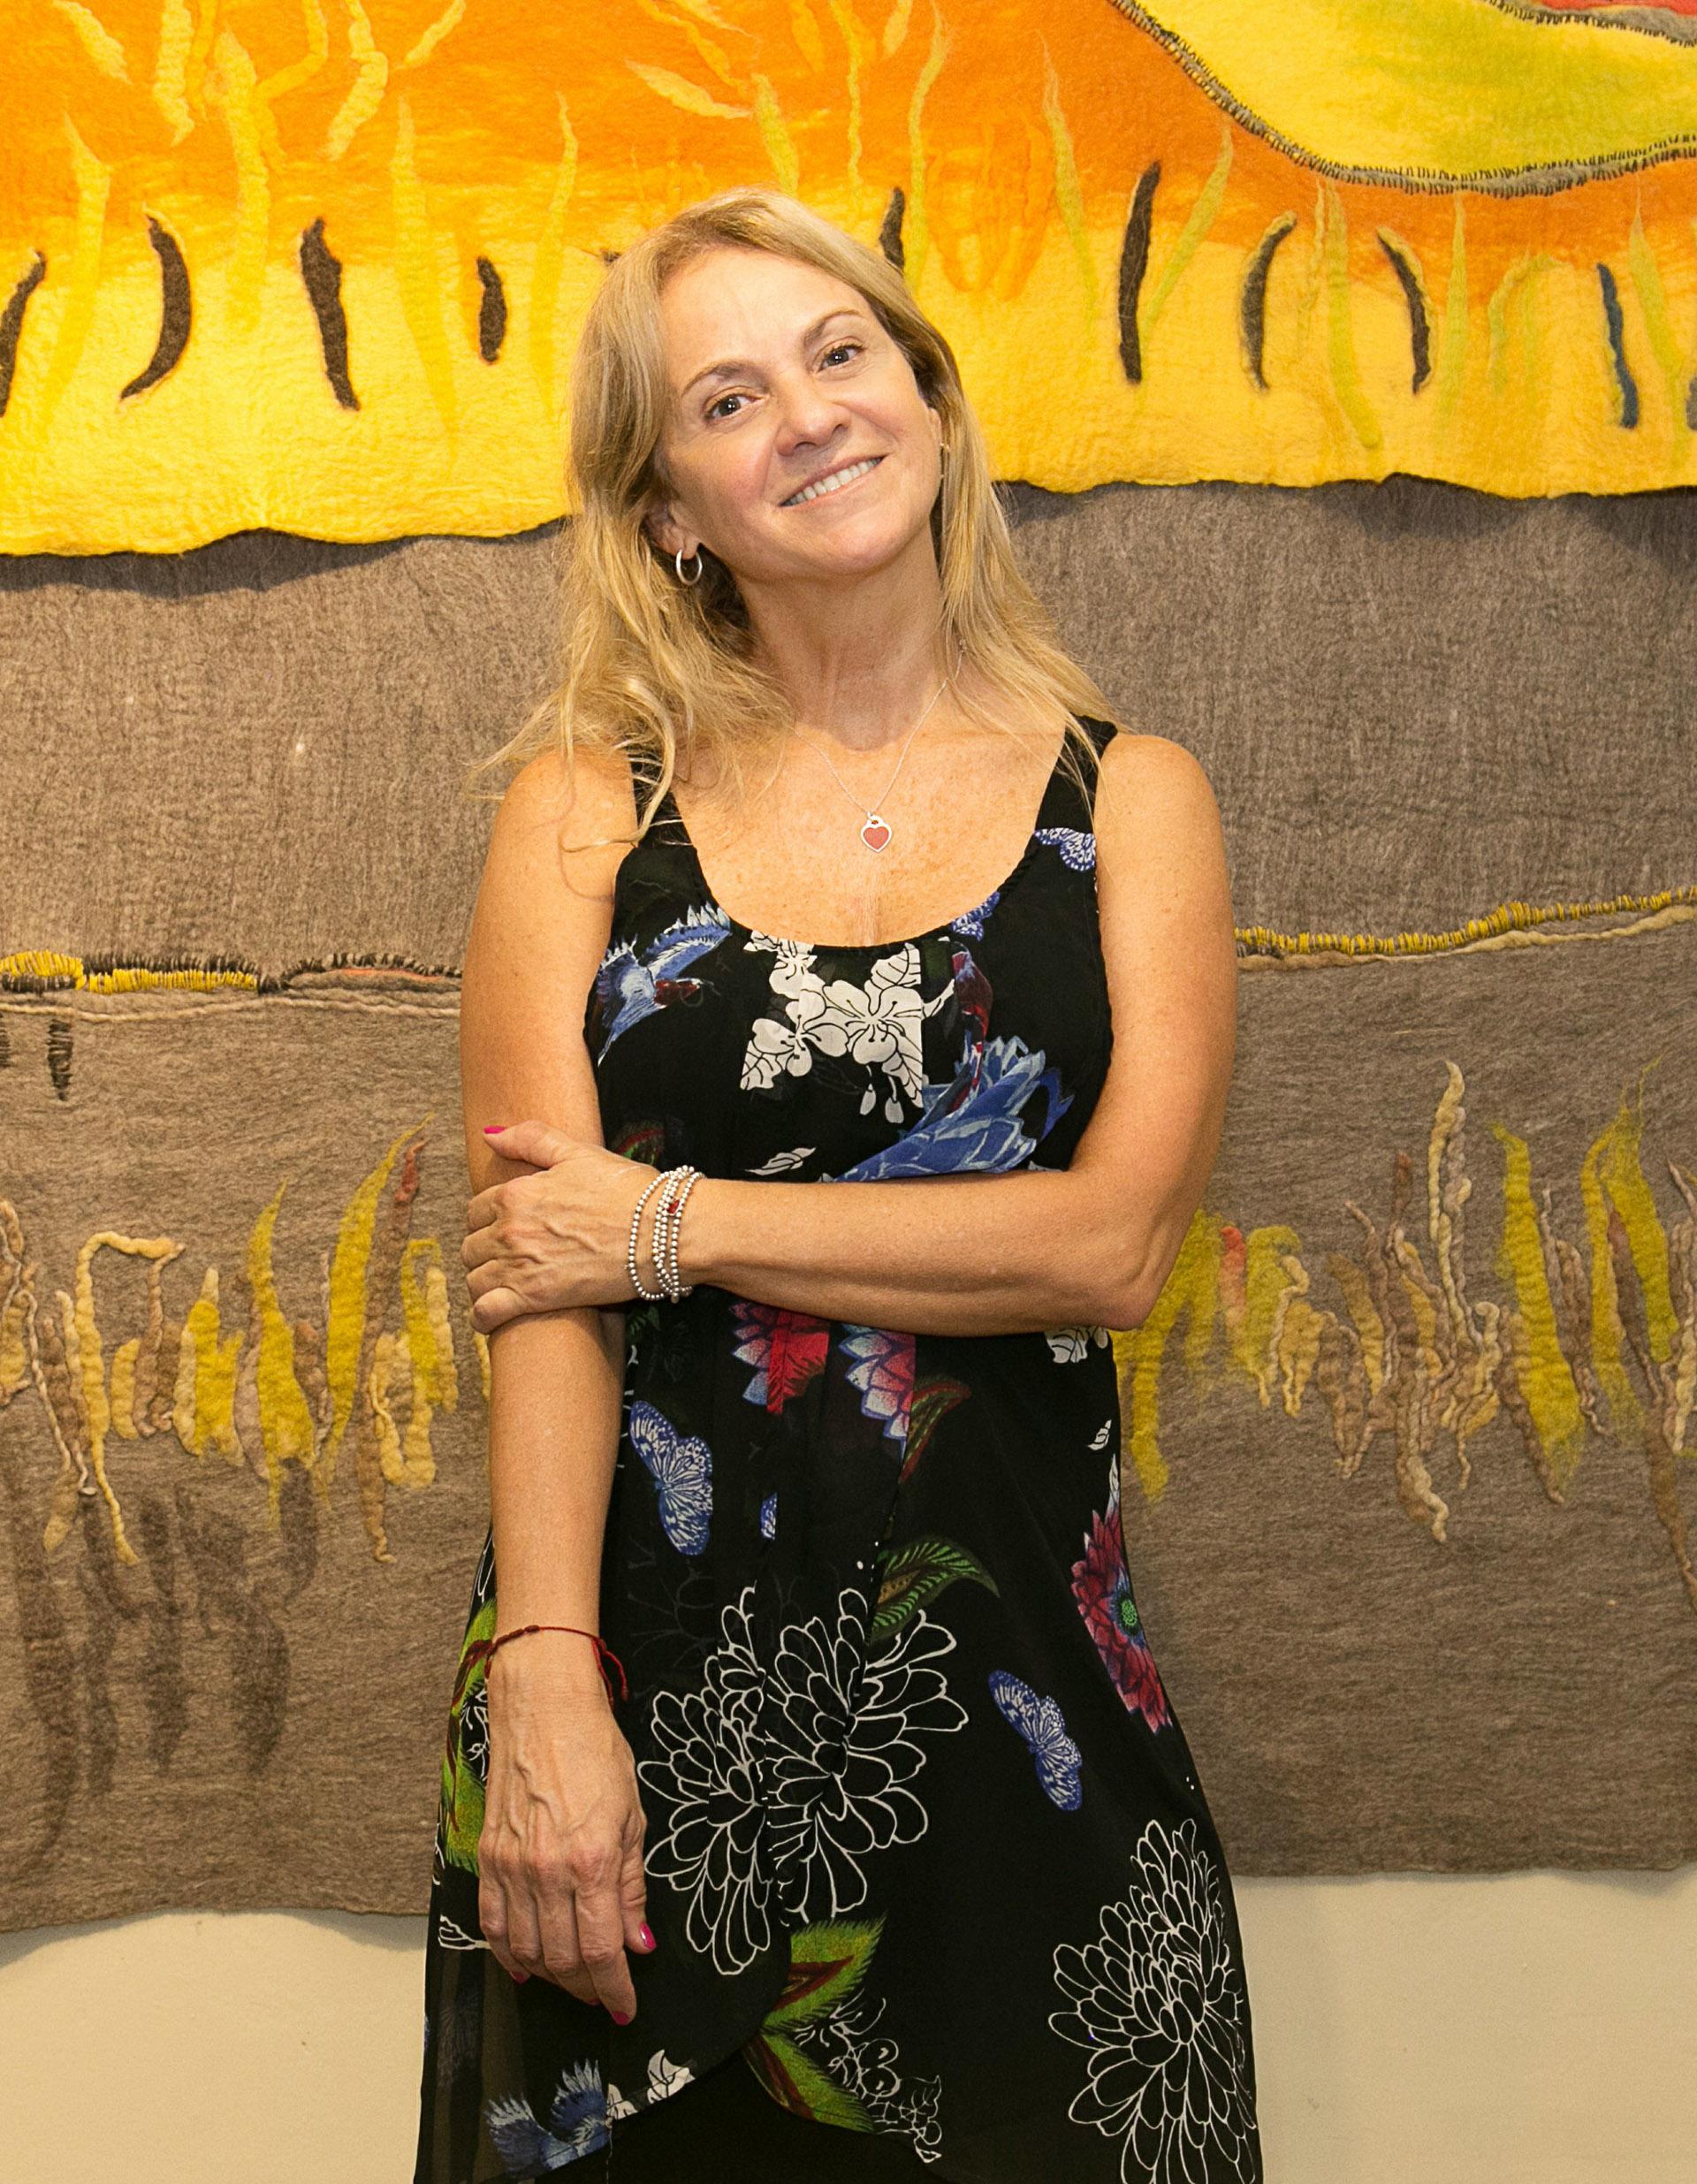 Con la curaduría de Fernanda Akian, Carmela Blanco se adentra en un encuentro interesante de materiales nobles, dialogando con el follaje de las plantas